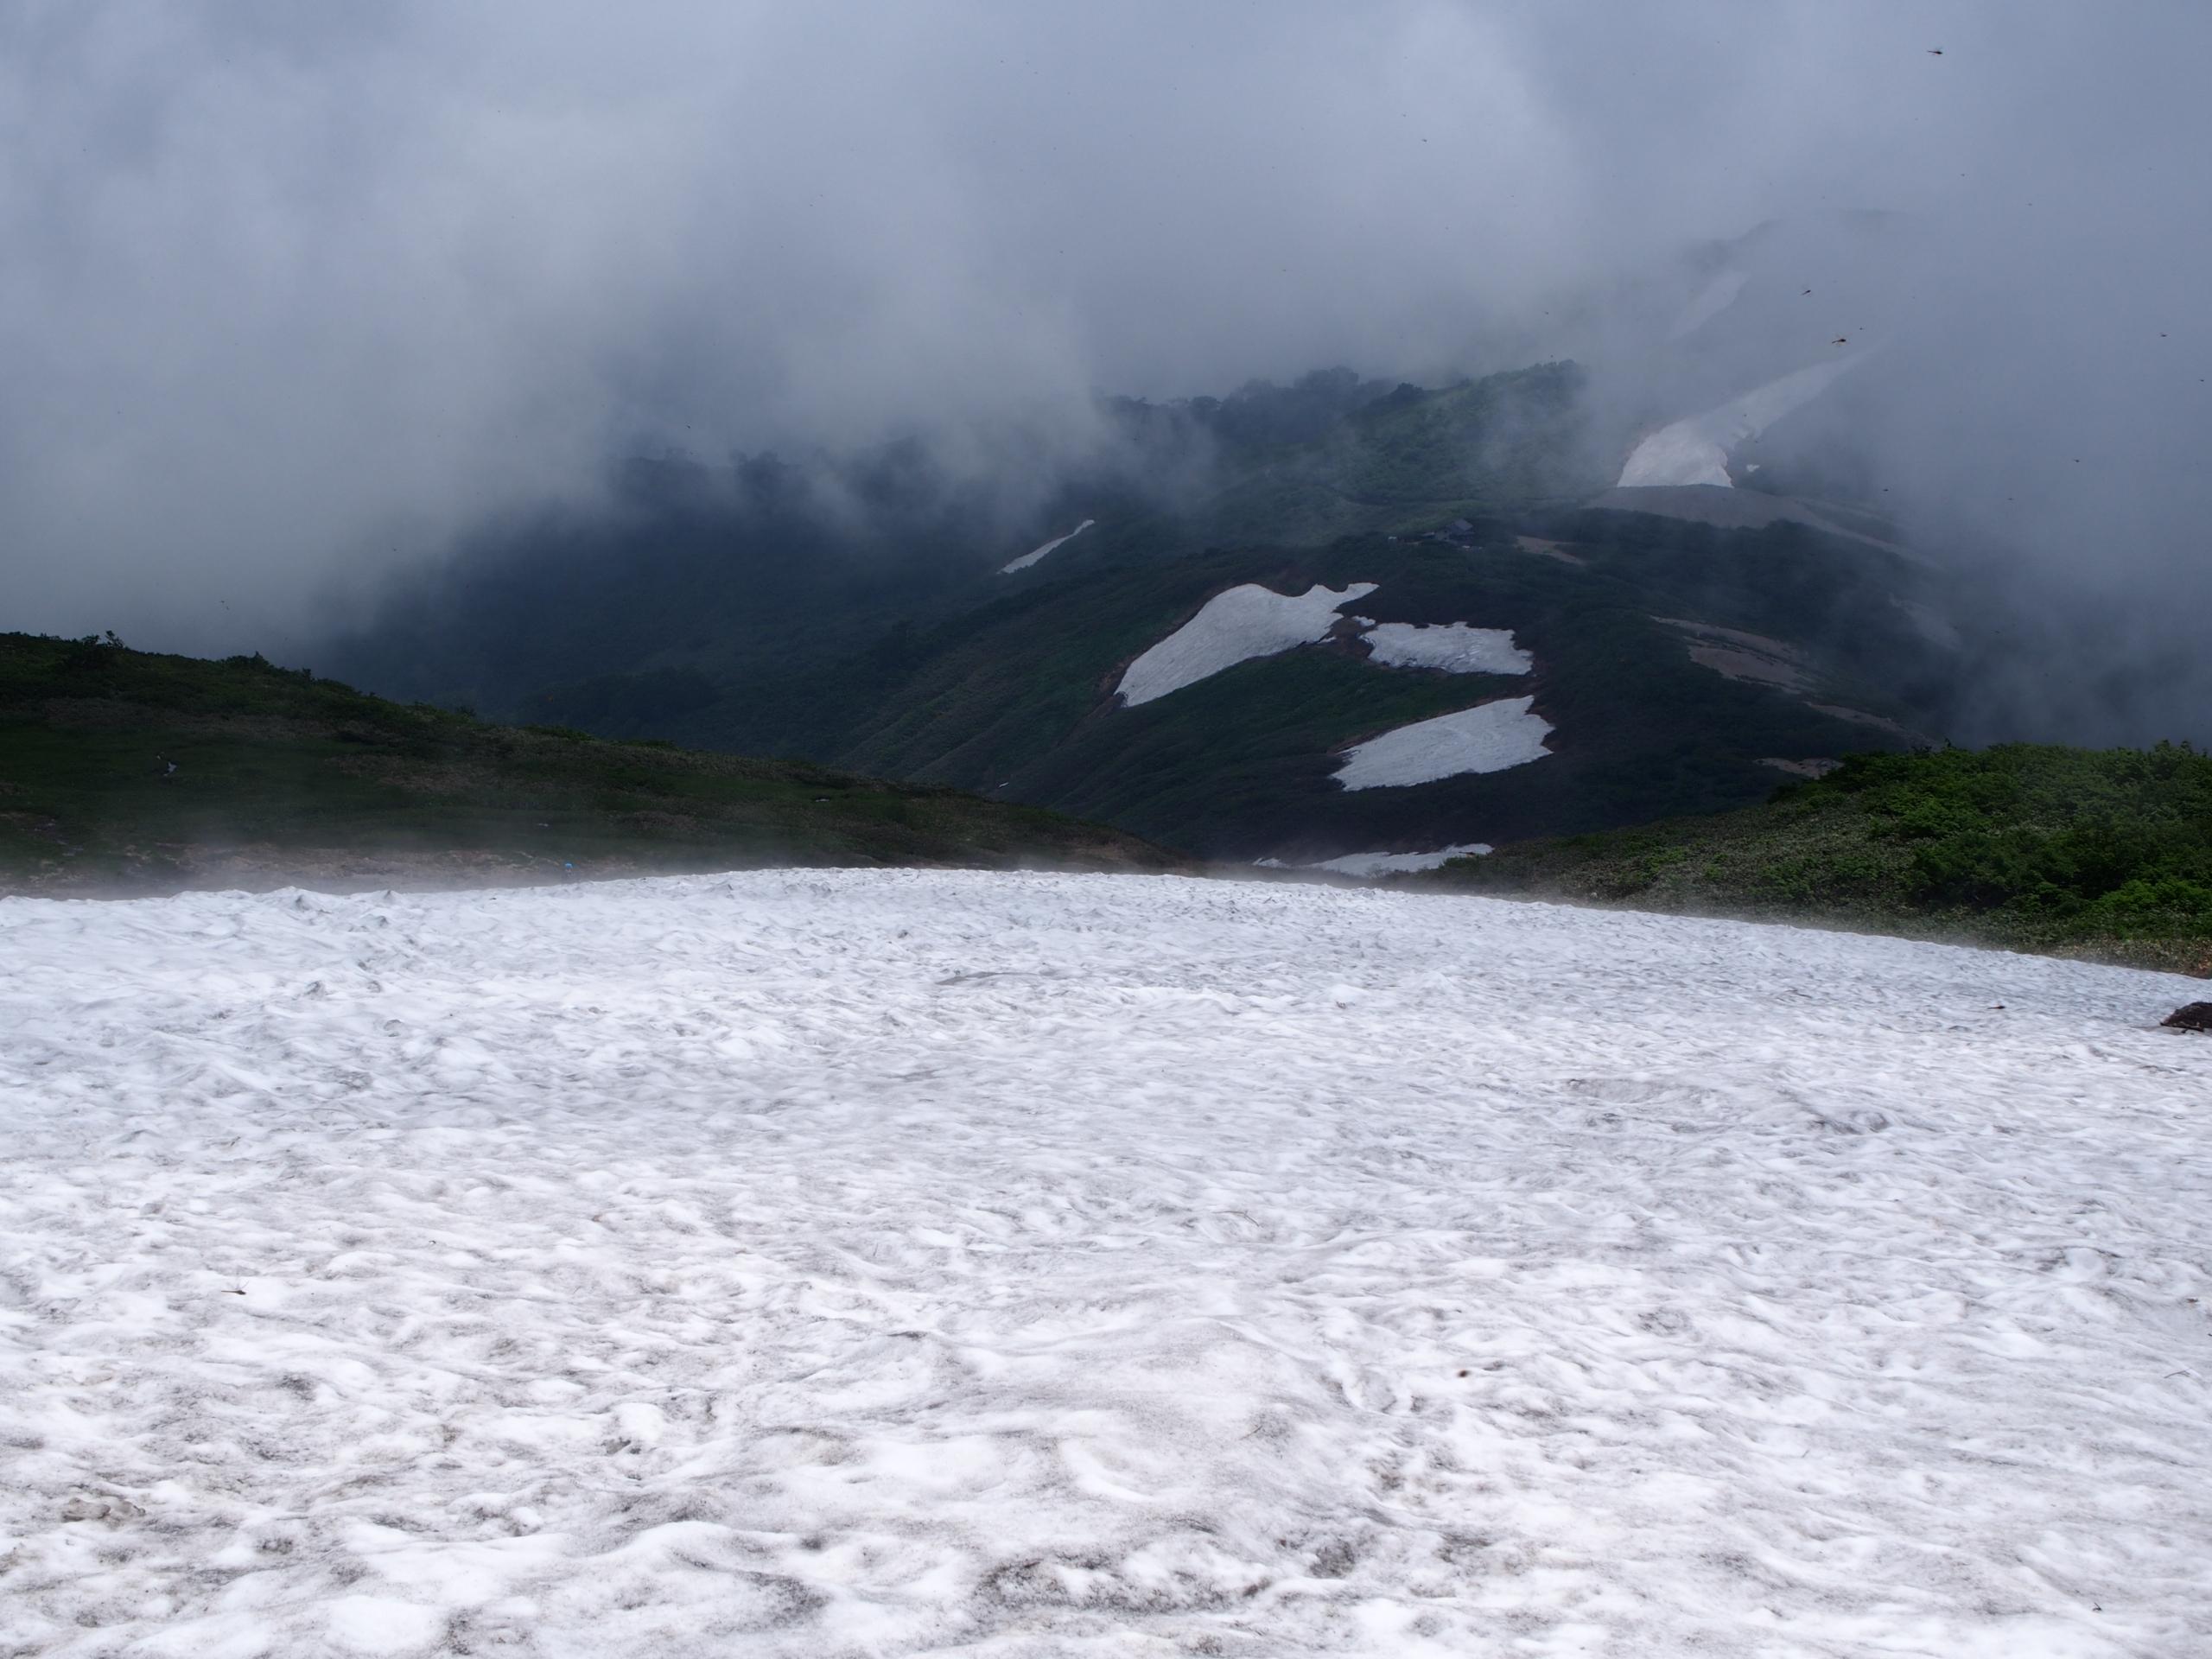 切合小屋近くの雪渓